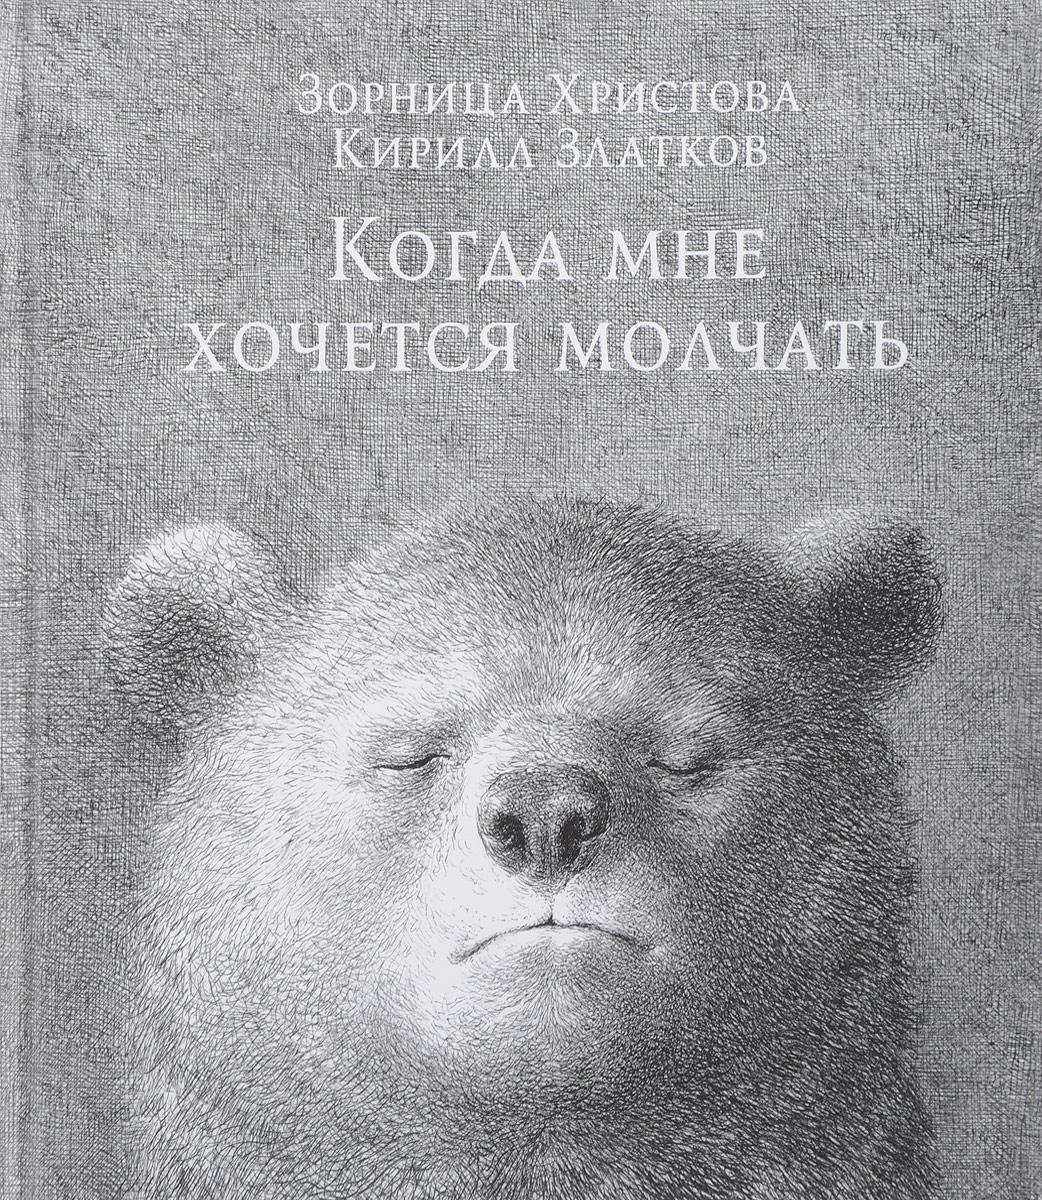 Зорница Христова,  Кирилл Златков Когда мне хочется молчать подарите мне щеночка